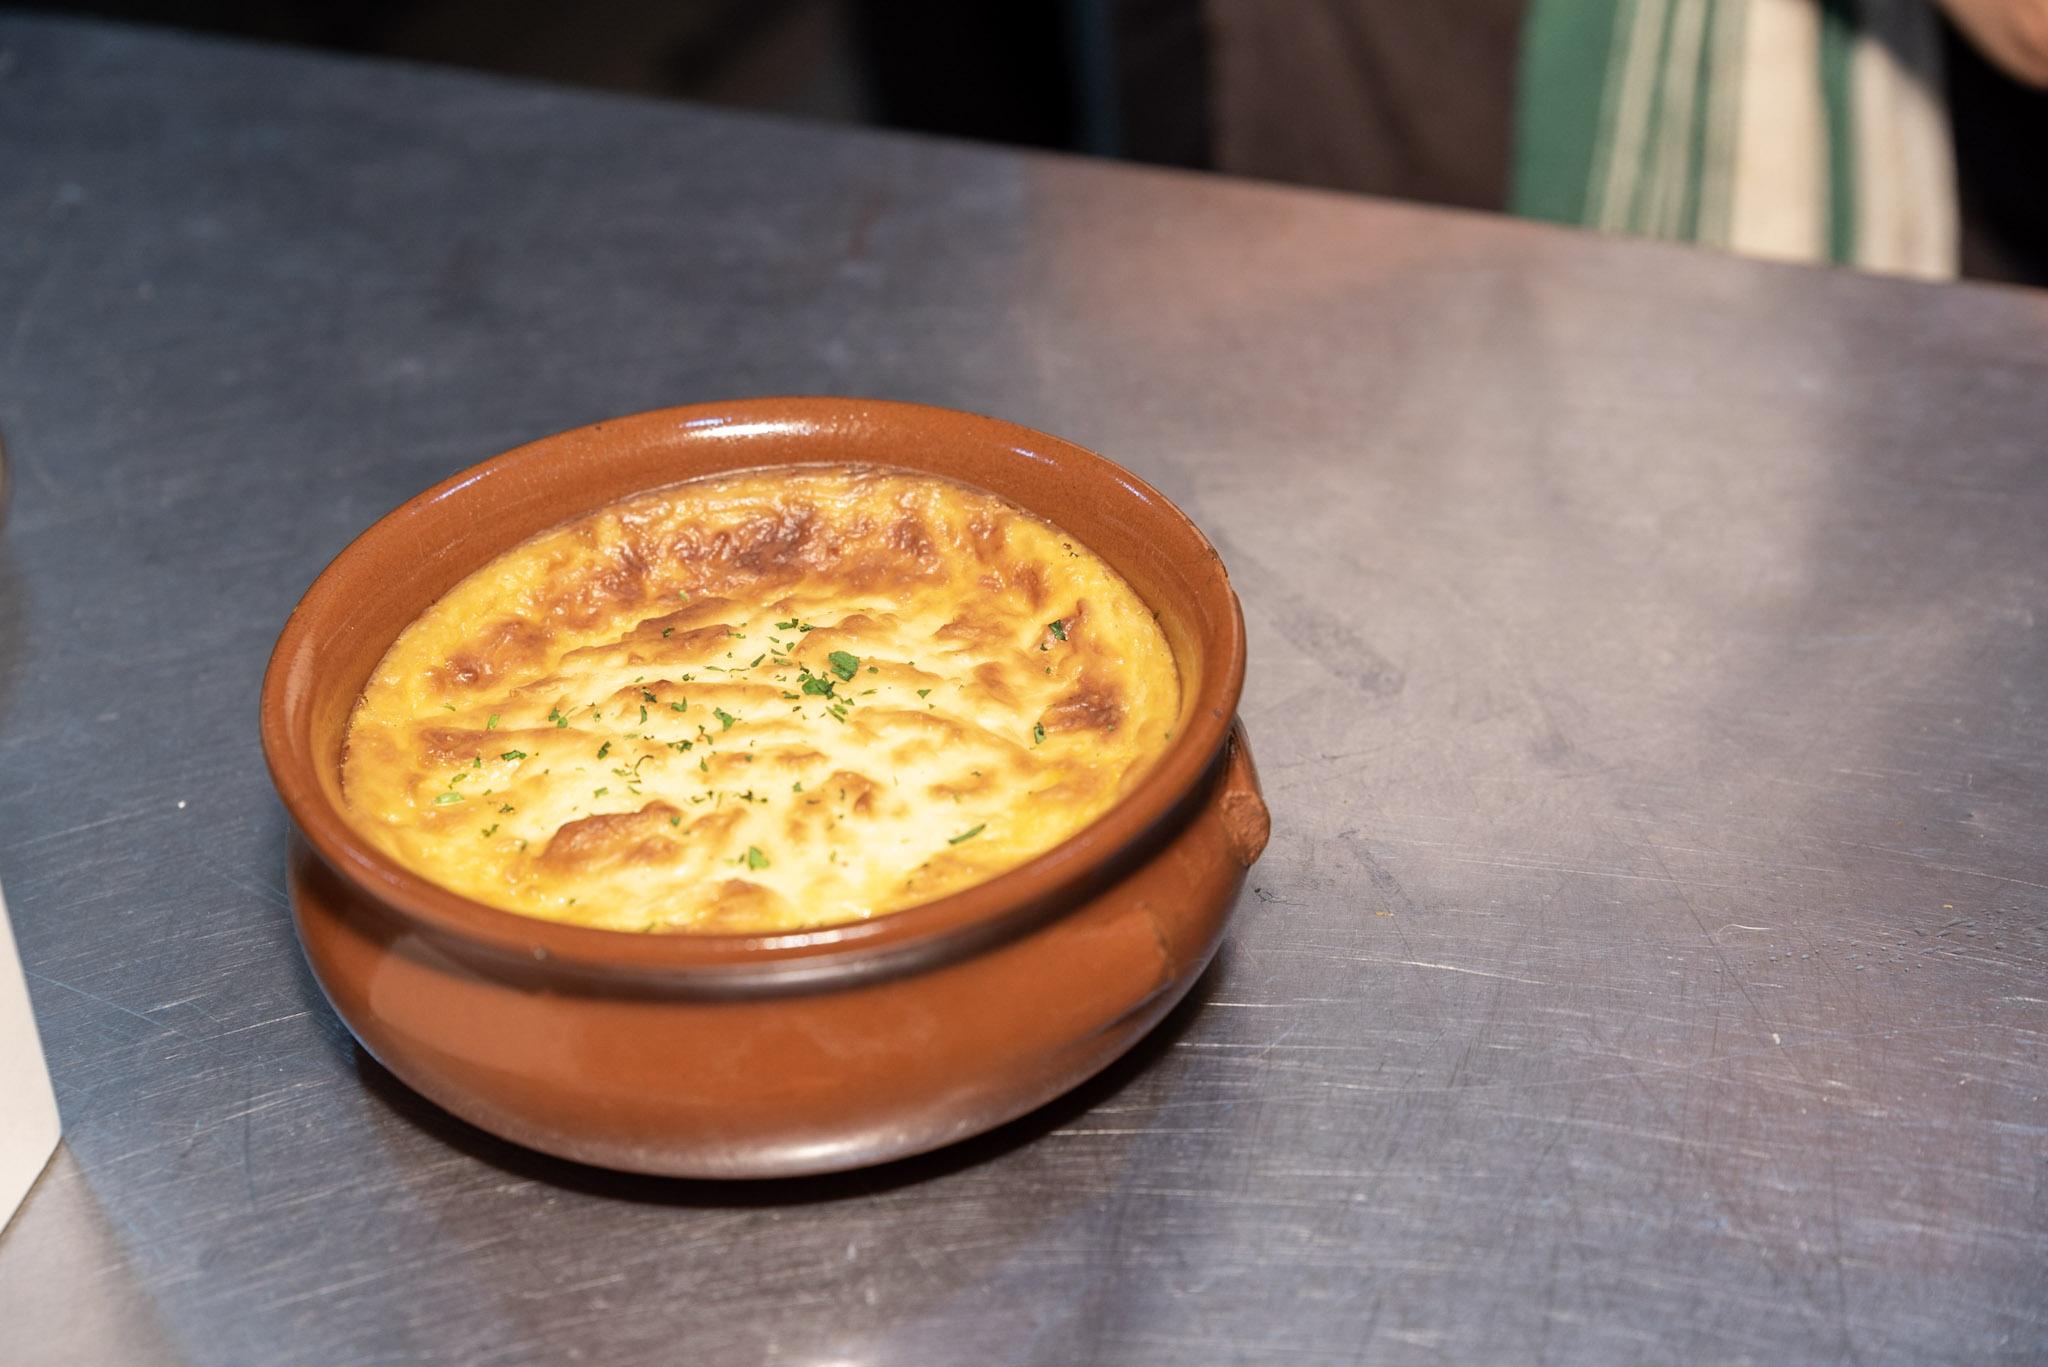 Koutouki Restaurant in Sydney - Koutouki Restaurant in Sydney - Koutouki Restaurant in Sydney